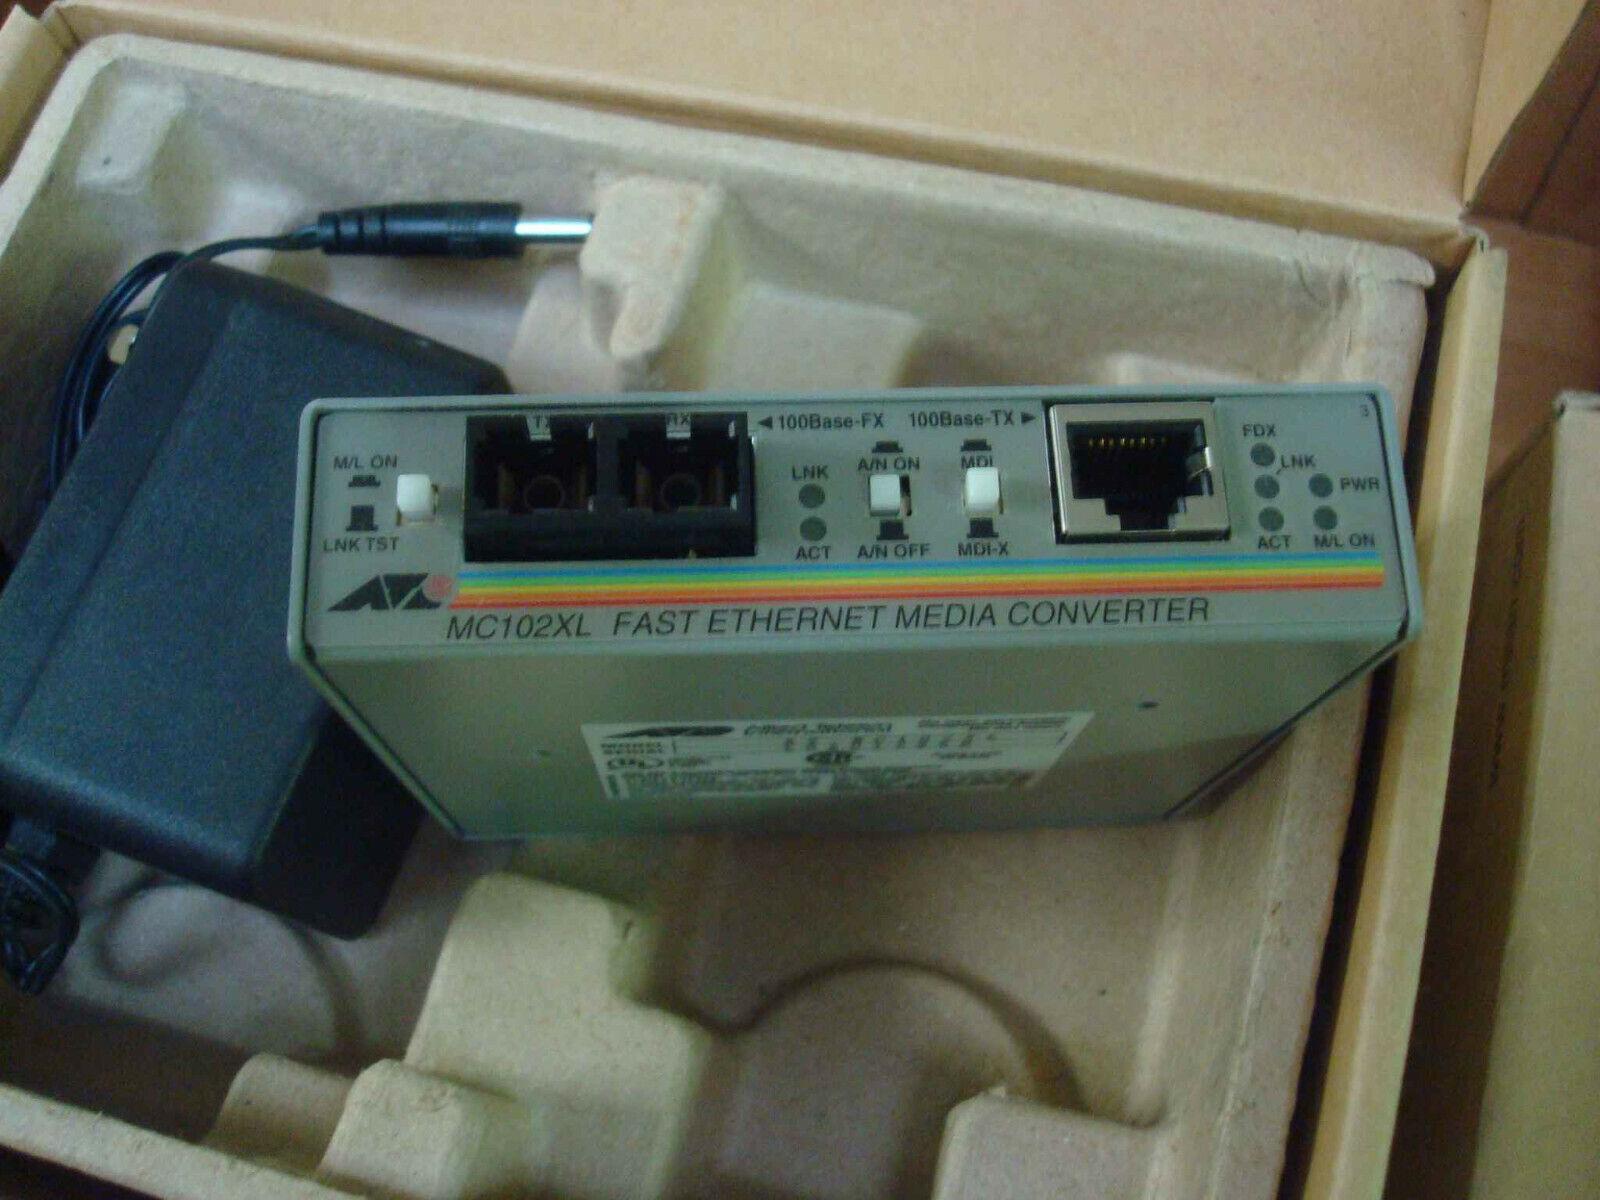 Allied Telesync AT-MC102XL Fast Ethernet Media Converter 100TX(RJ-45) 100FX(SC)